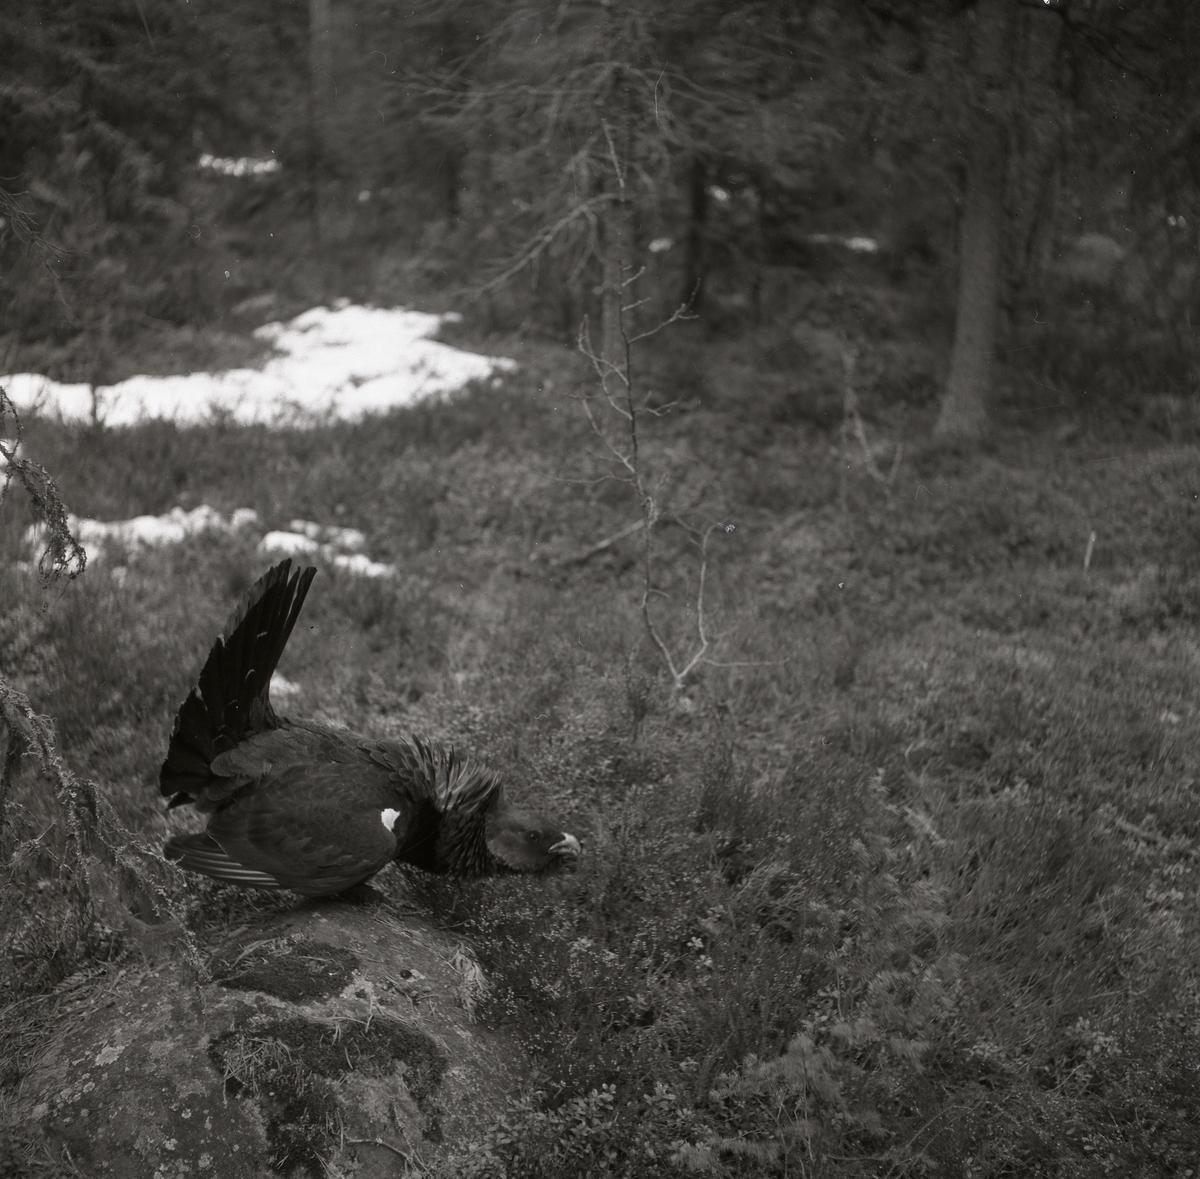 En tjäder med utspärrade stjärtfjädrar som står på en sten i en barrskog 1954.